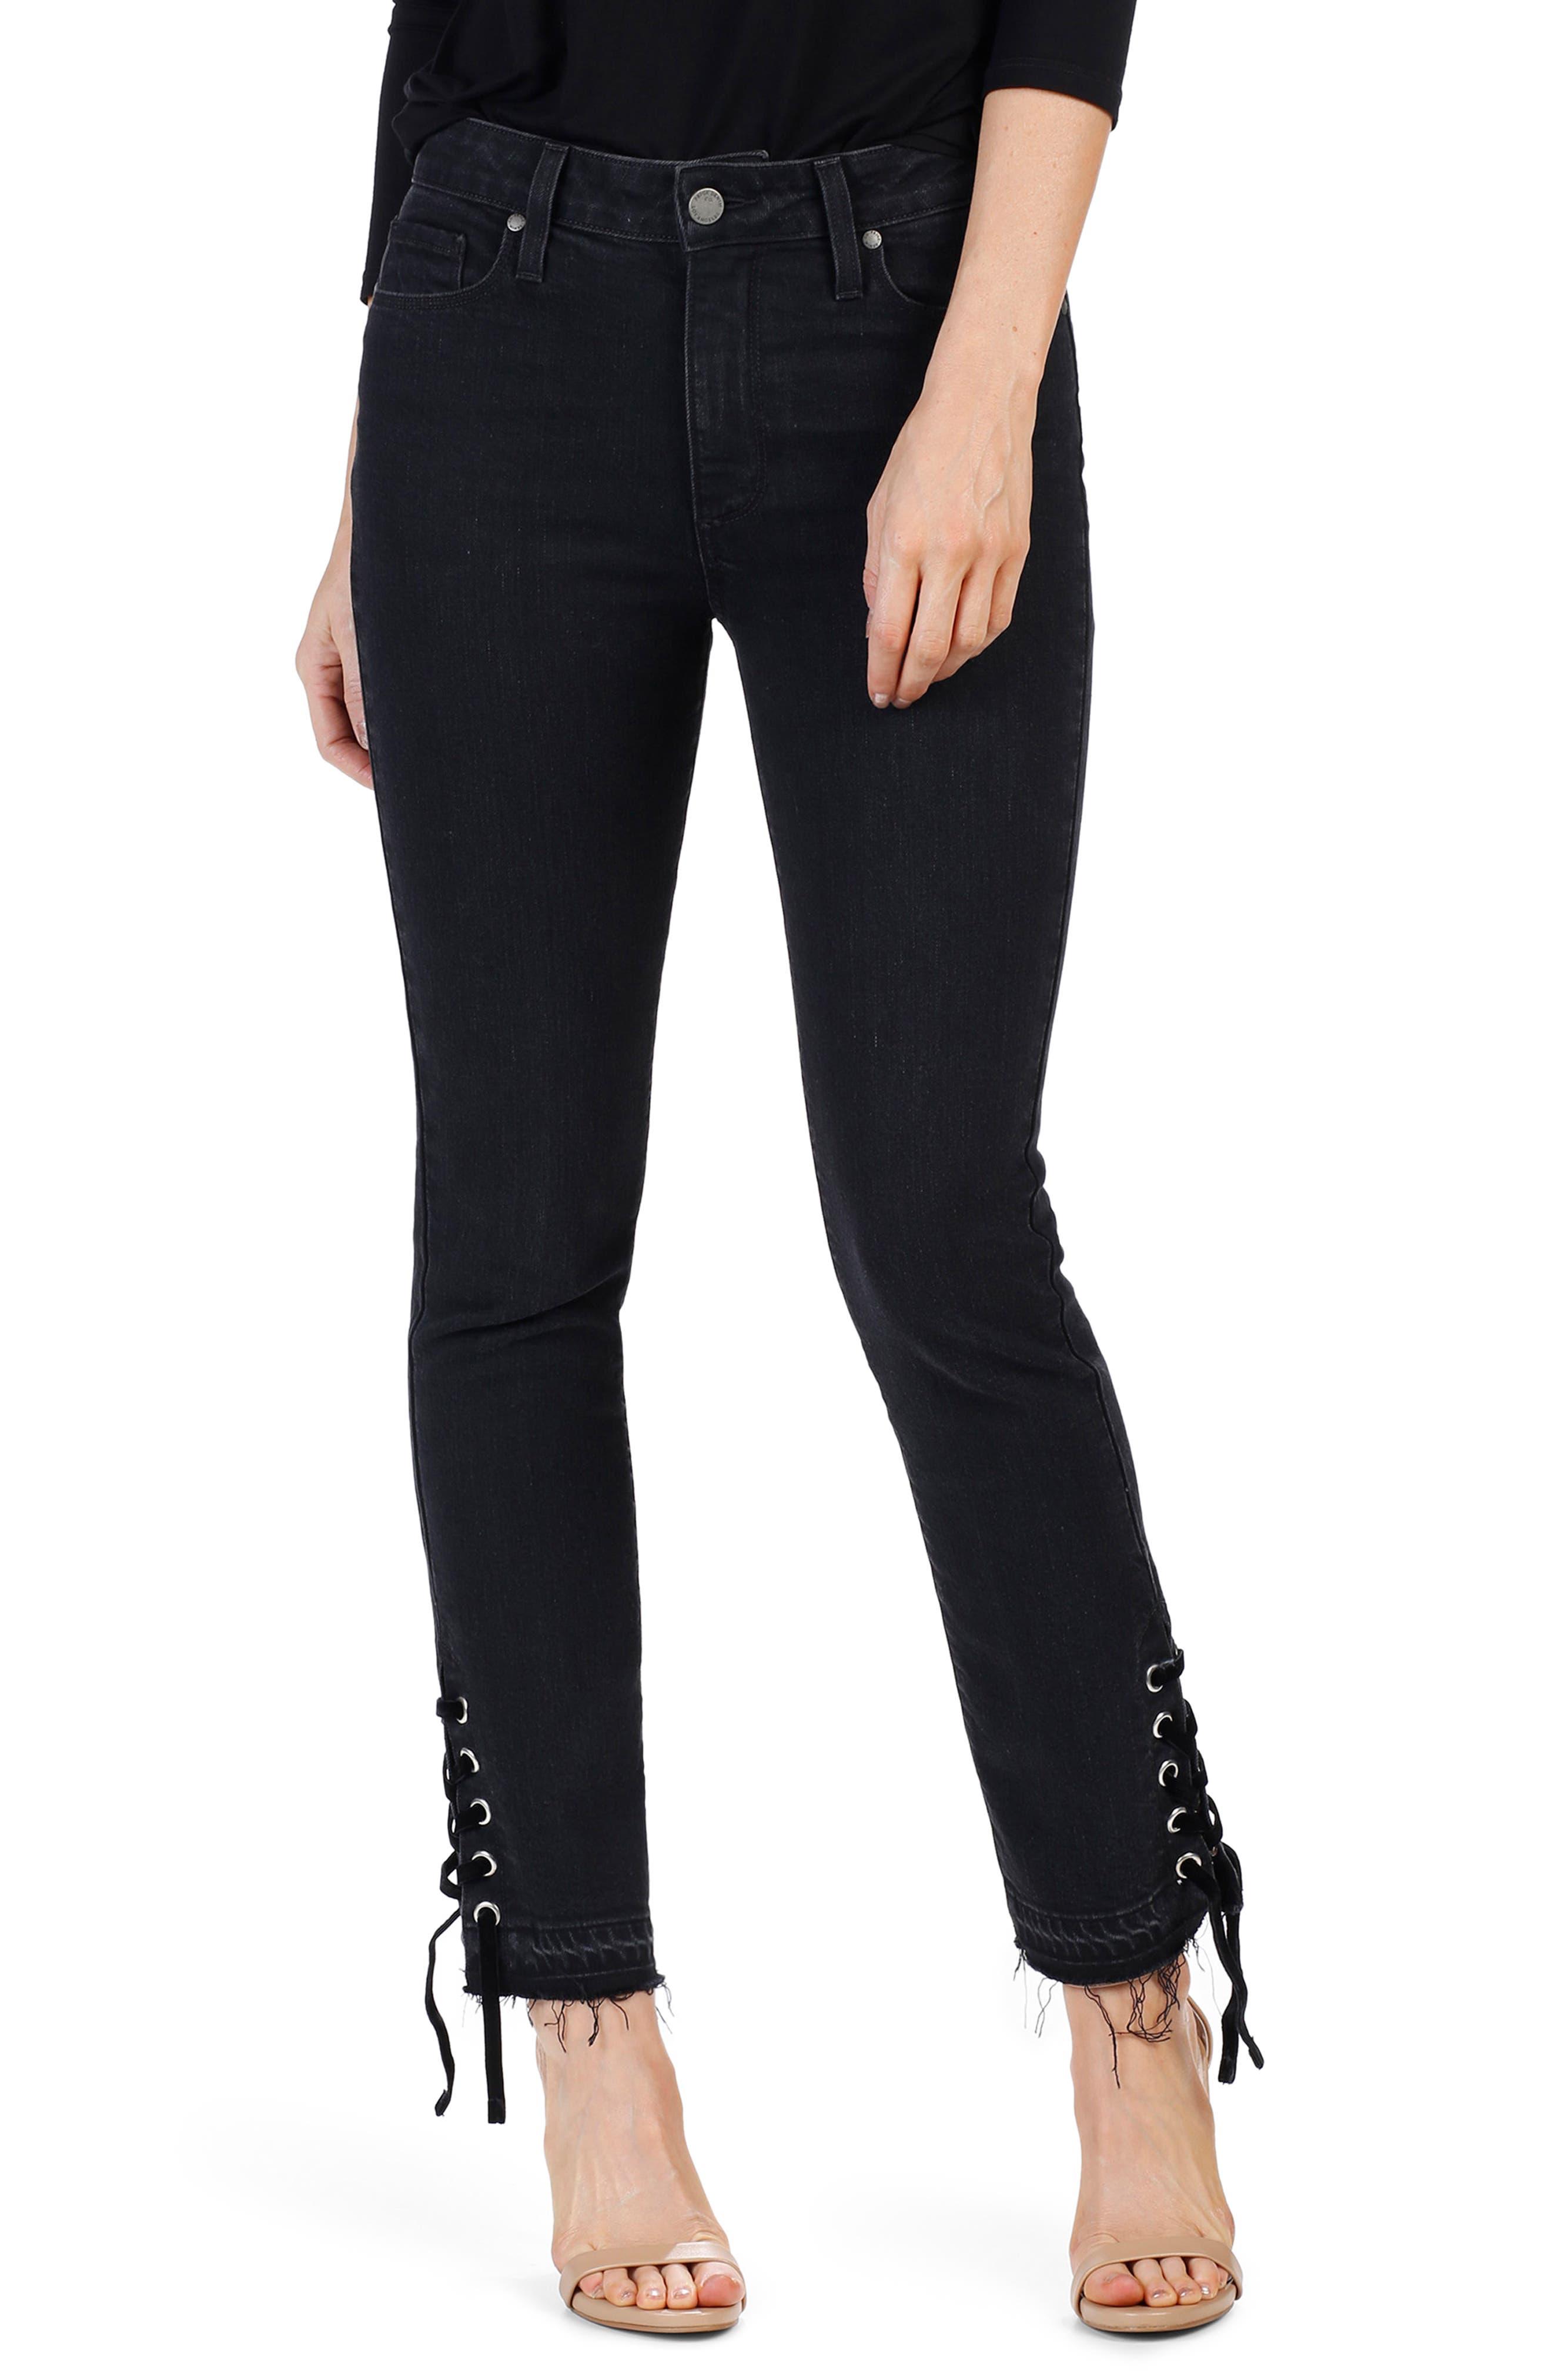 PAIGE Jacqueline High Waist Straight Leg Jeans